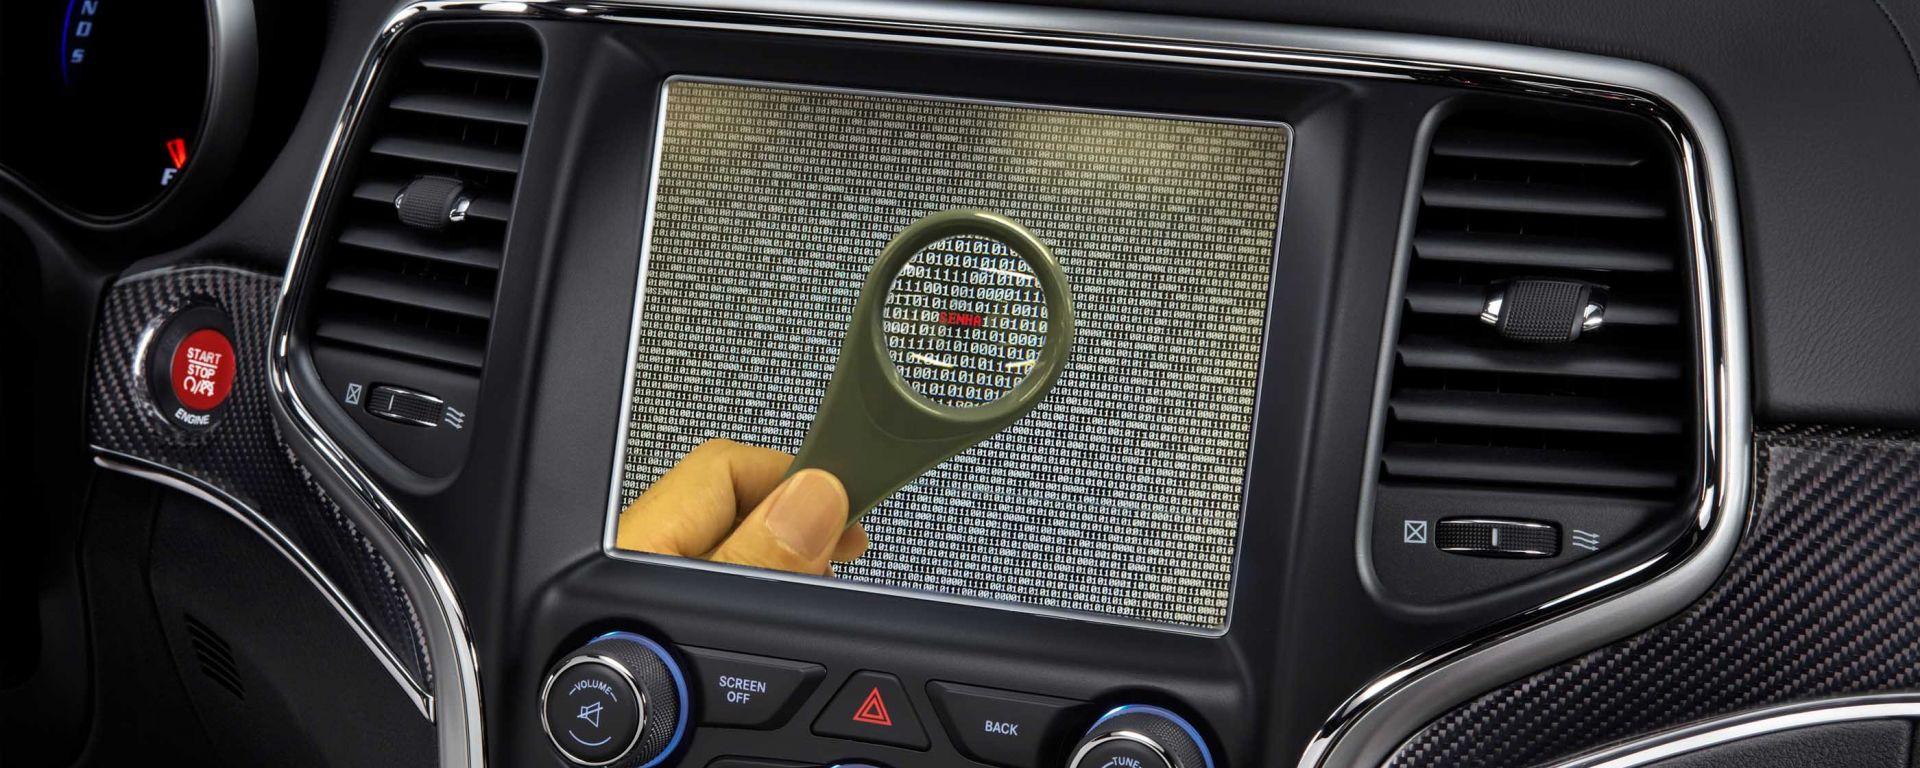 FCA: la sicurezza software affidata agli hacker